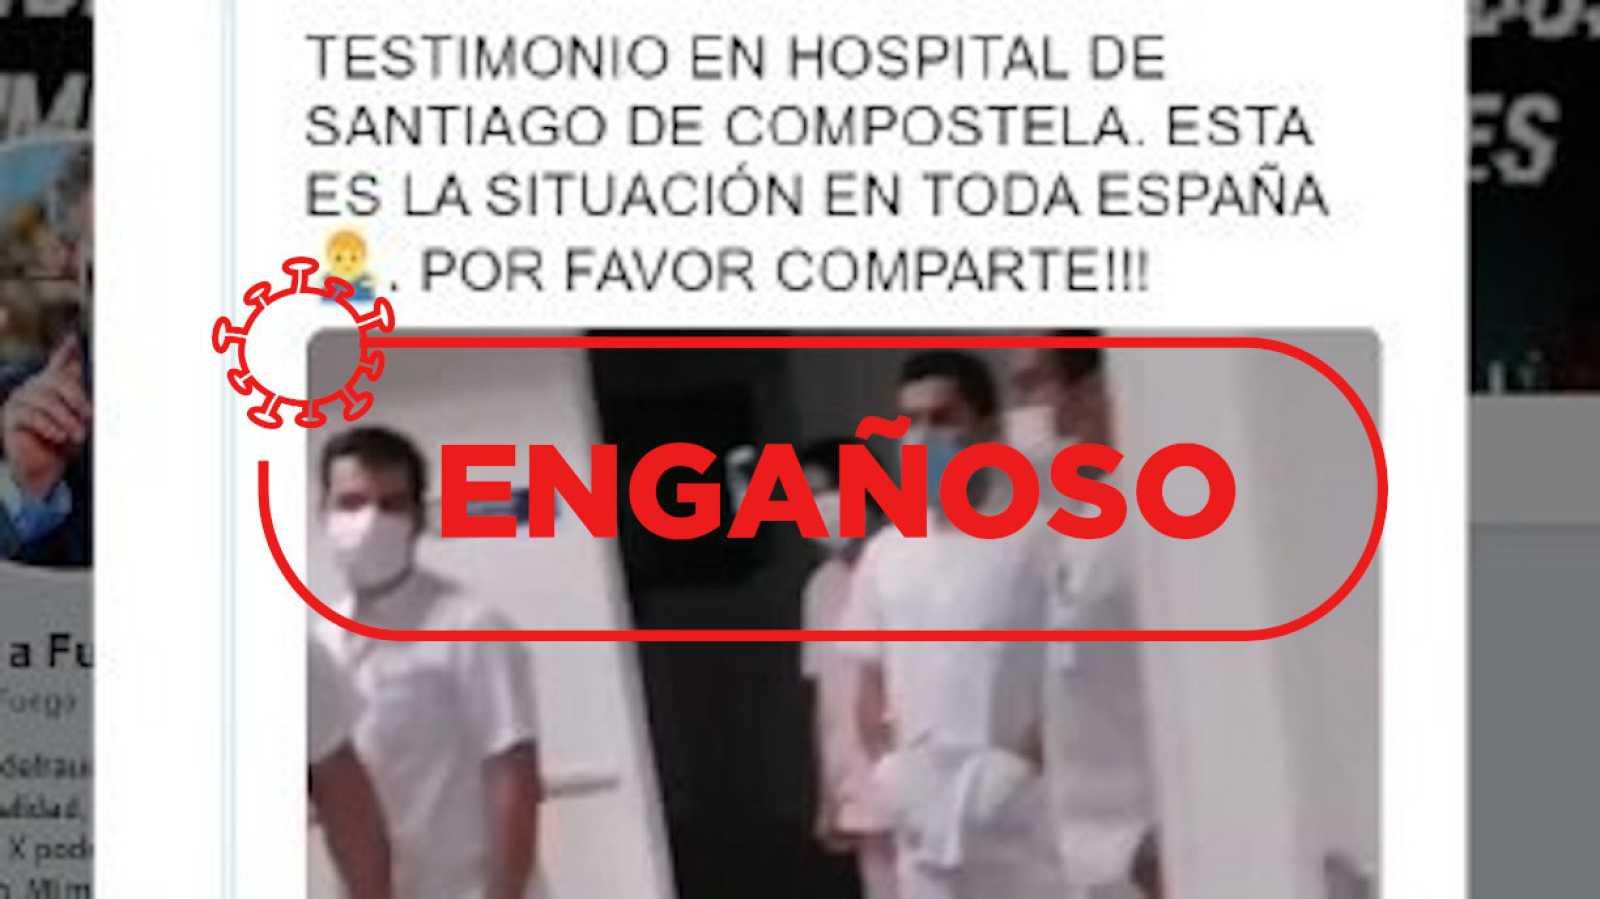 Un vídeo con críticas al Hospital Santiago Apóstol es utilizado en la campaña #emptyhospitals, que niega la existencia del virus.